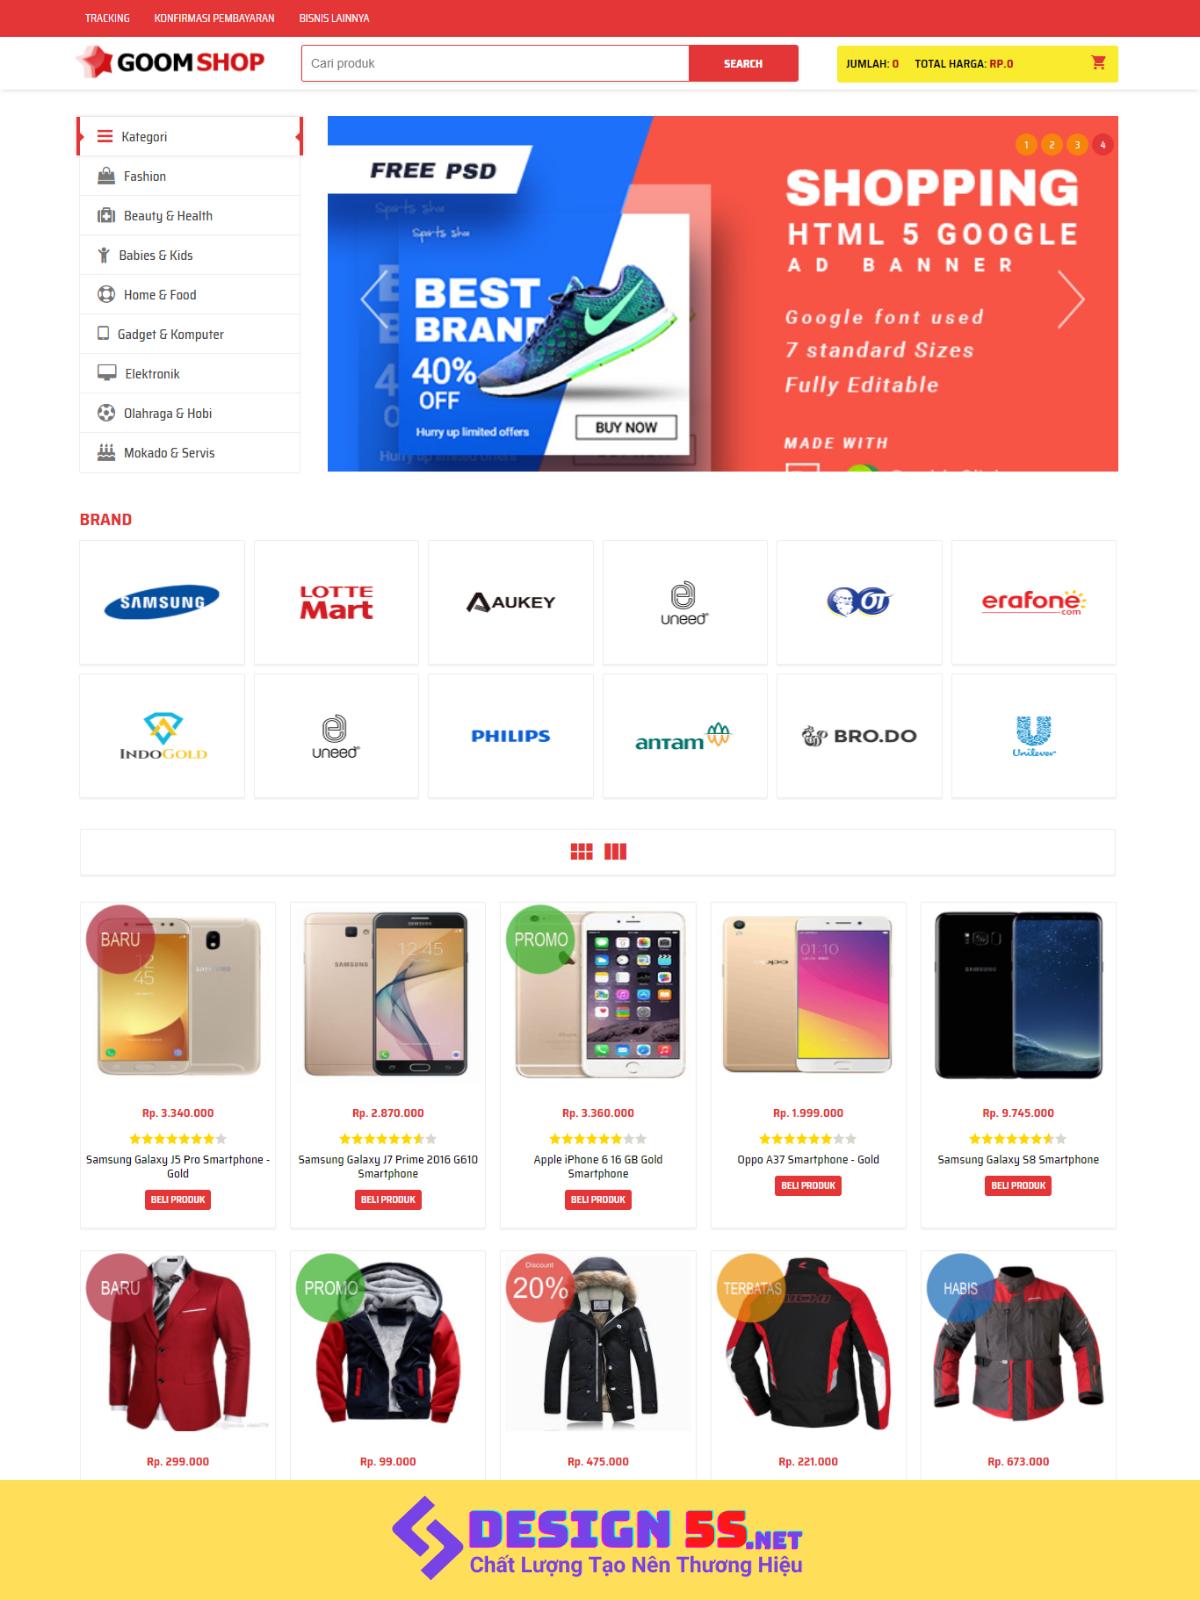 Template blogspot bán hàng GoomShop chuẩn seo VSM75